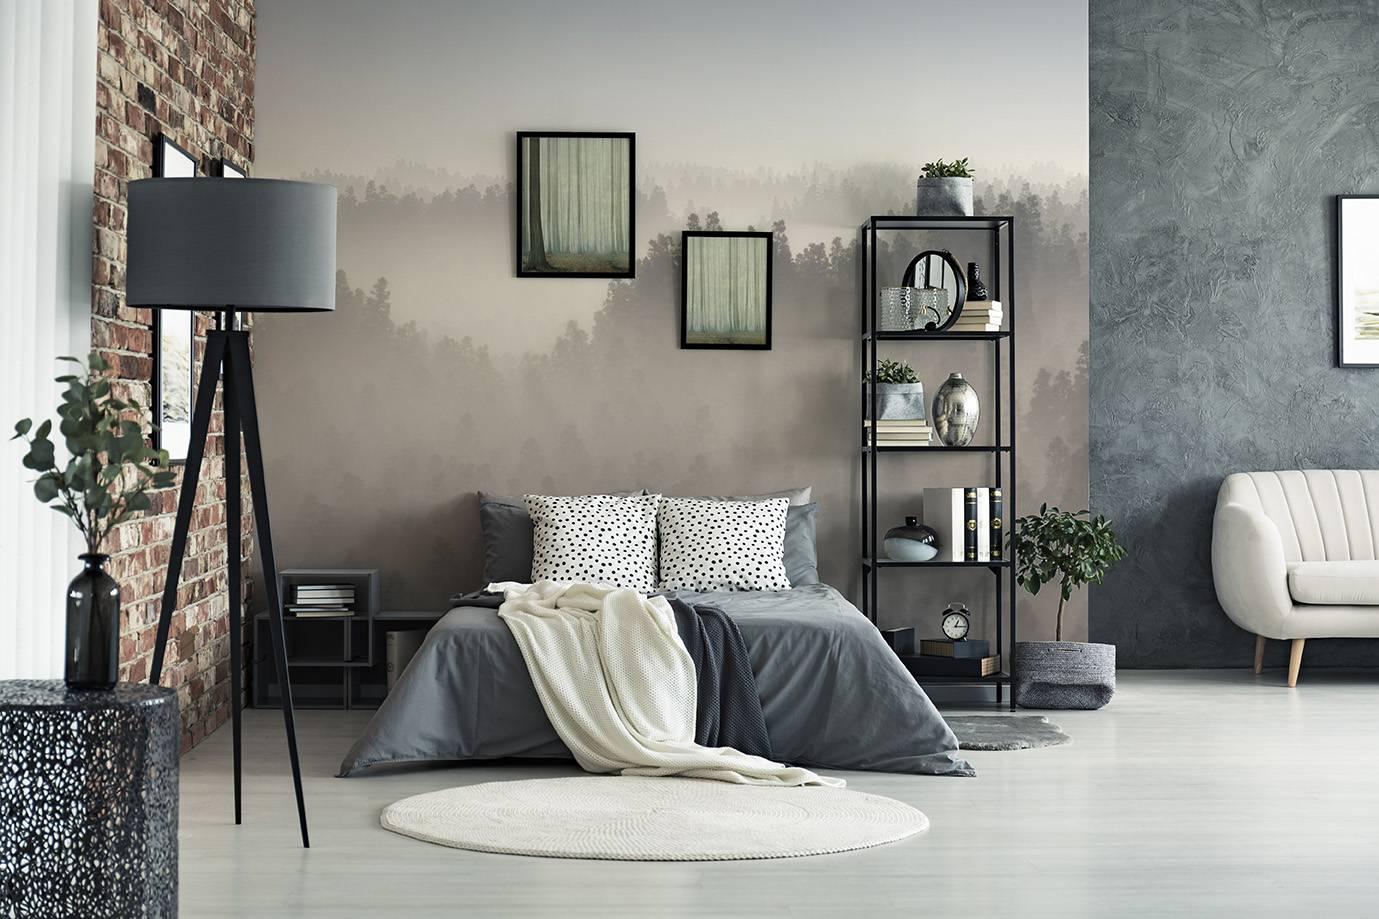 Wohnung Umgestalten Einfach Muster Und Motive Für Neues Wohngefühl